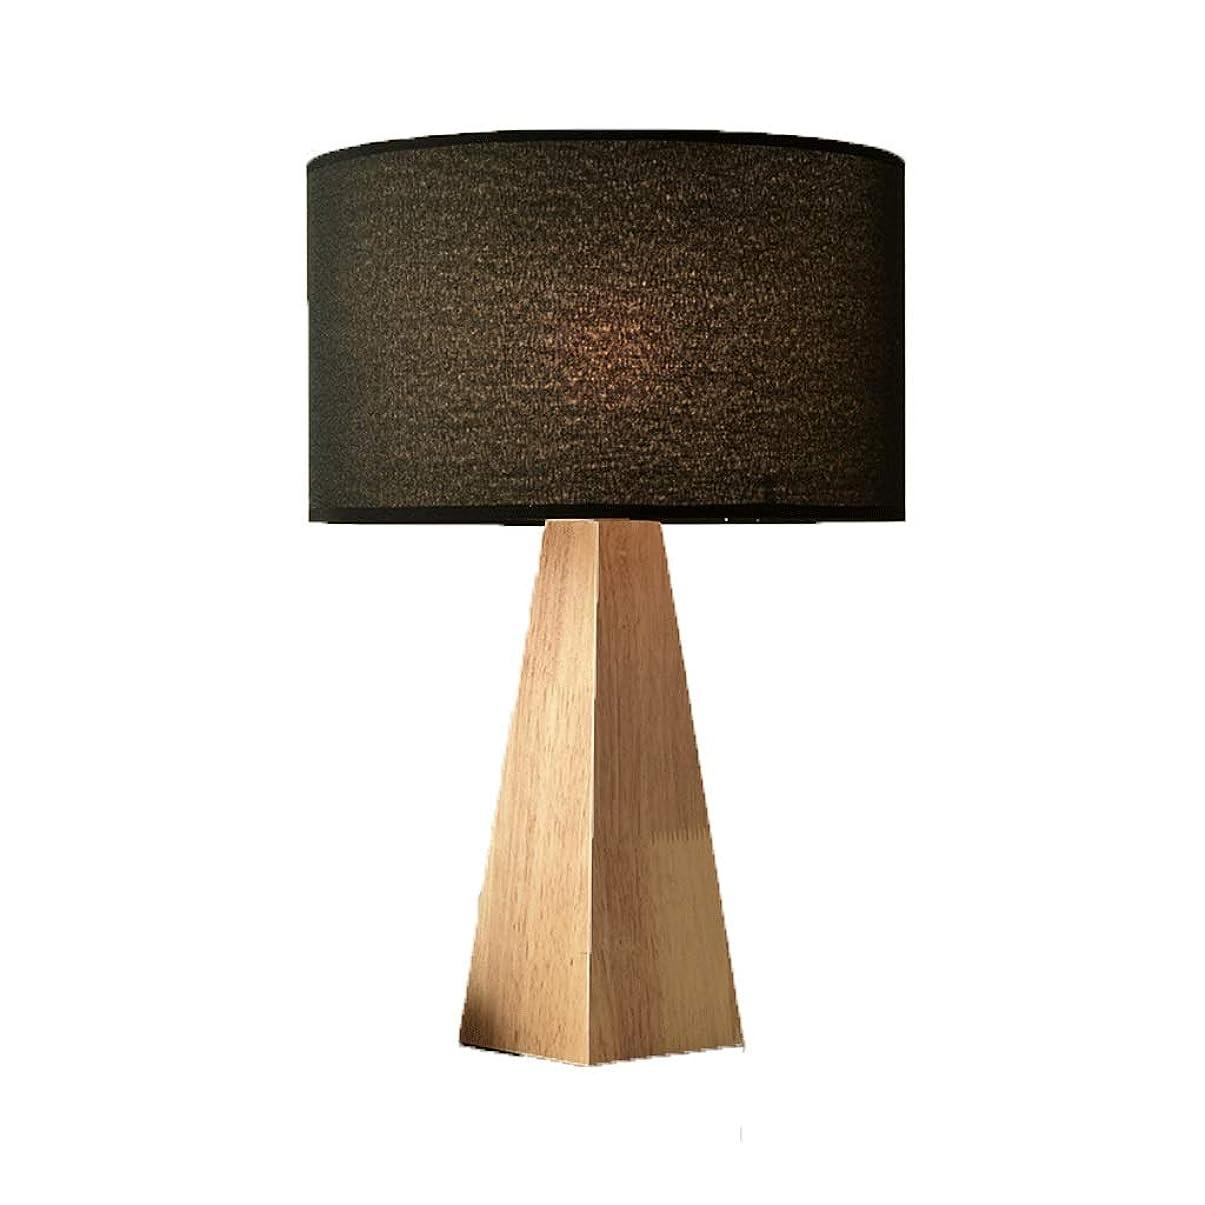 北へ火炎飛行機ZEZHOU 純木のベッドサイドランプの暖かい装飾の寝室の研究ランプ簡単なヨーロッパの創造的な木の北欧の卓上スタンド (色 : B)